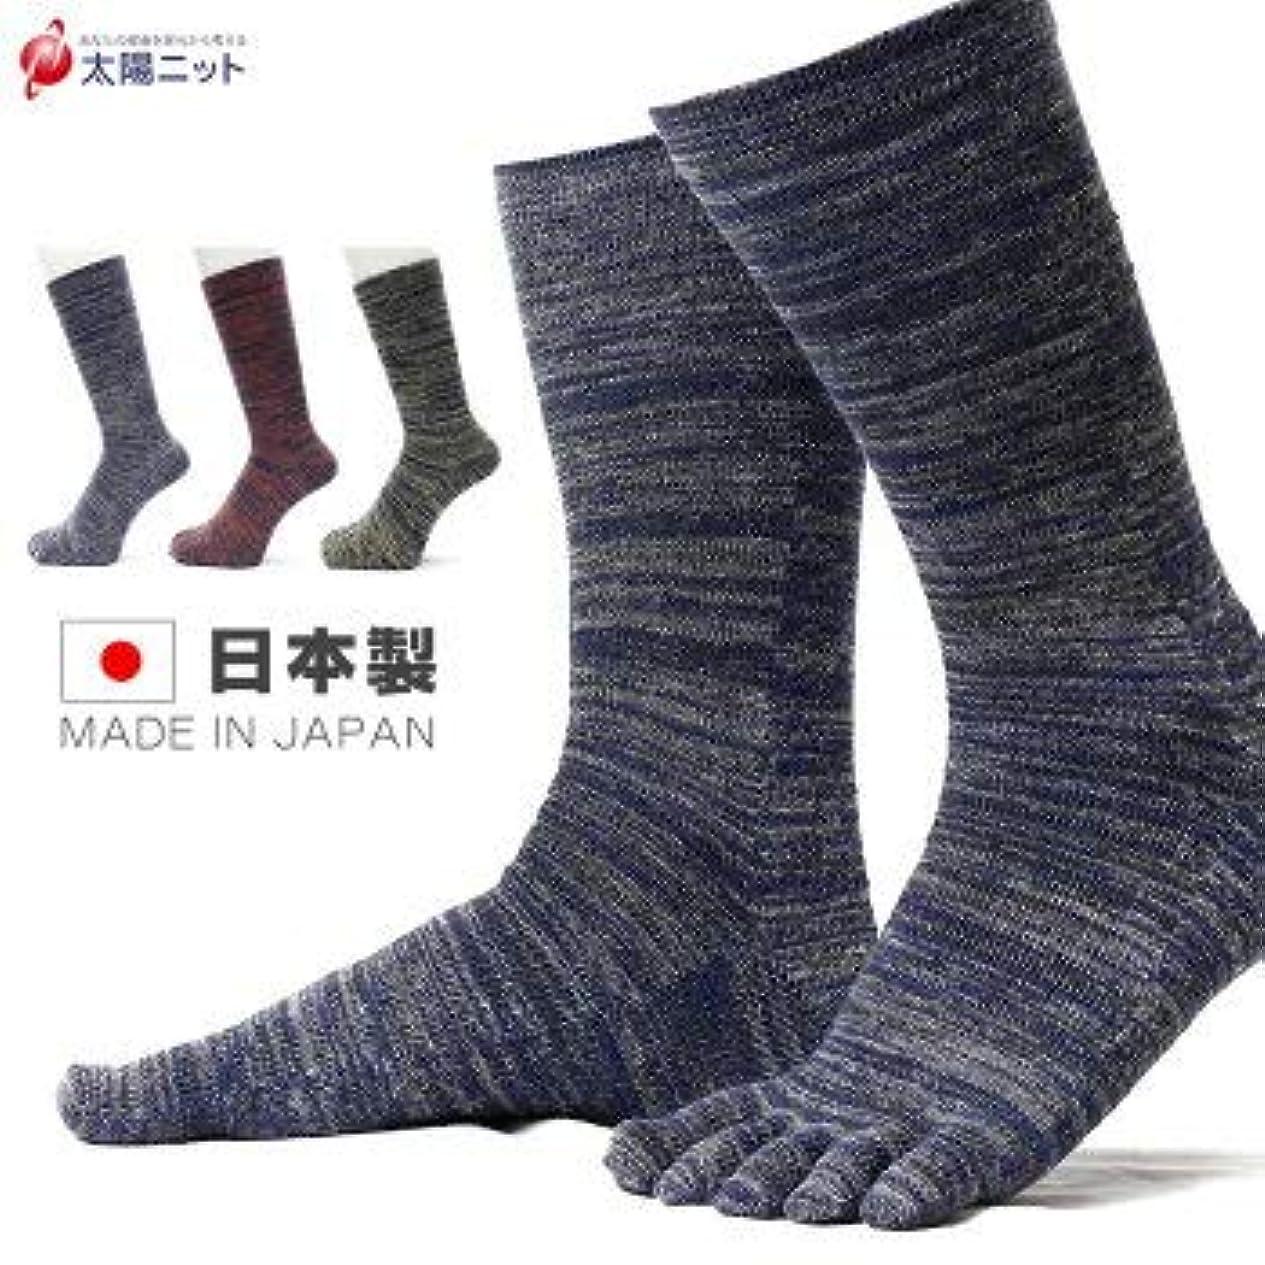 提供された独立した買収靴下職人のこだわり メンズ スラブ調 5本指靴下 25-27㎝ 太陽ニット 366 (ネイビー)